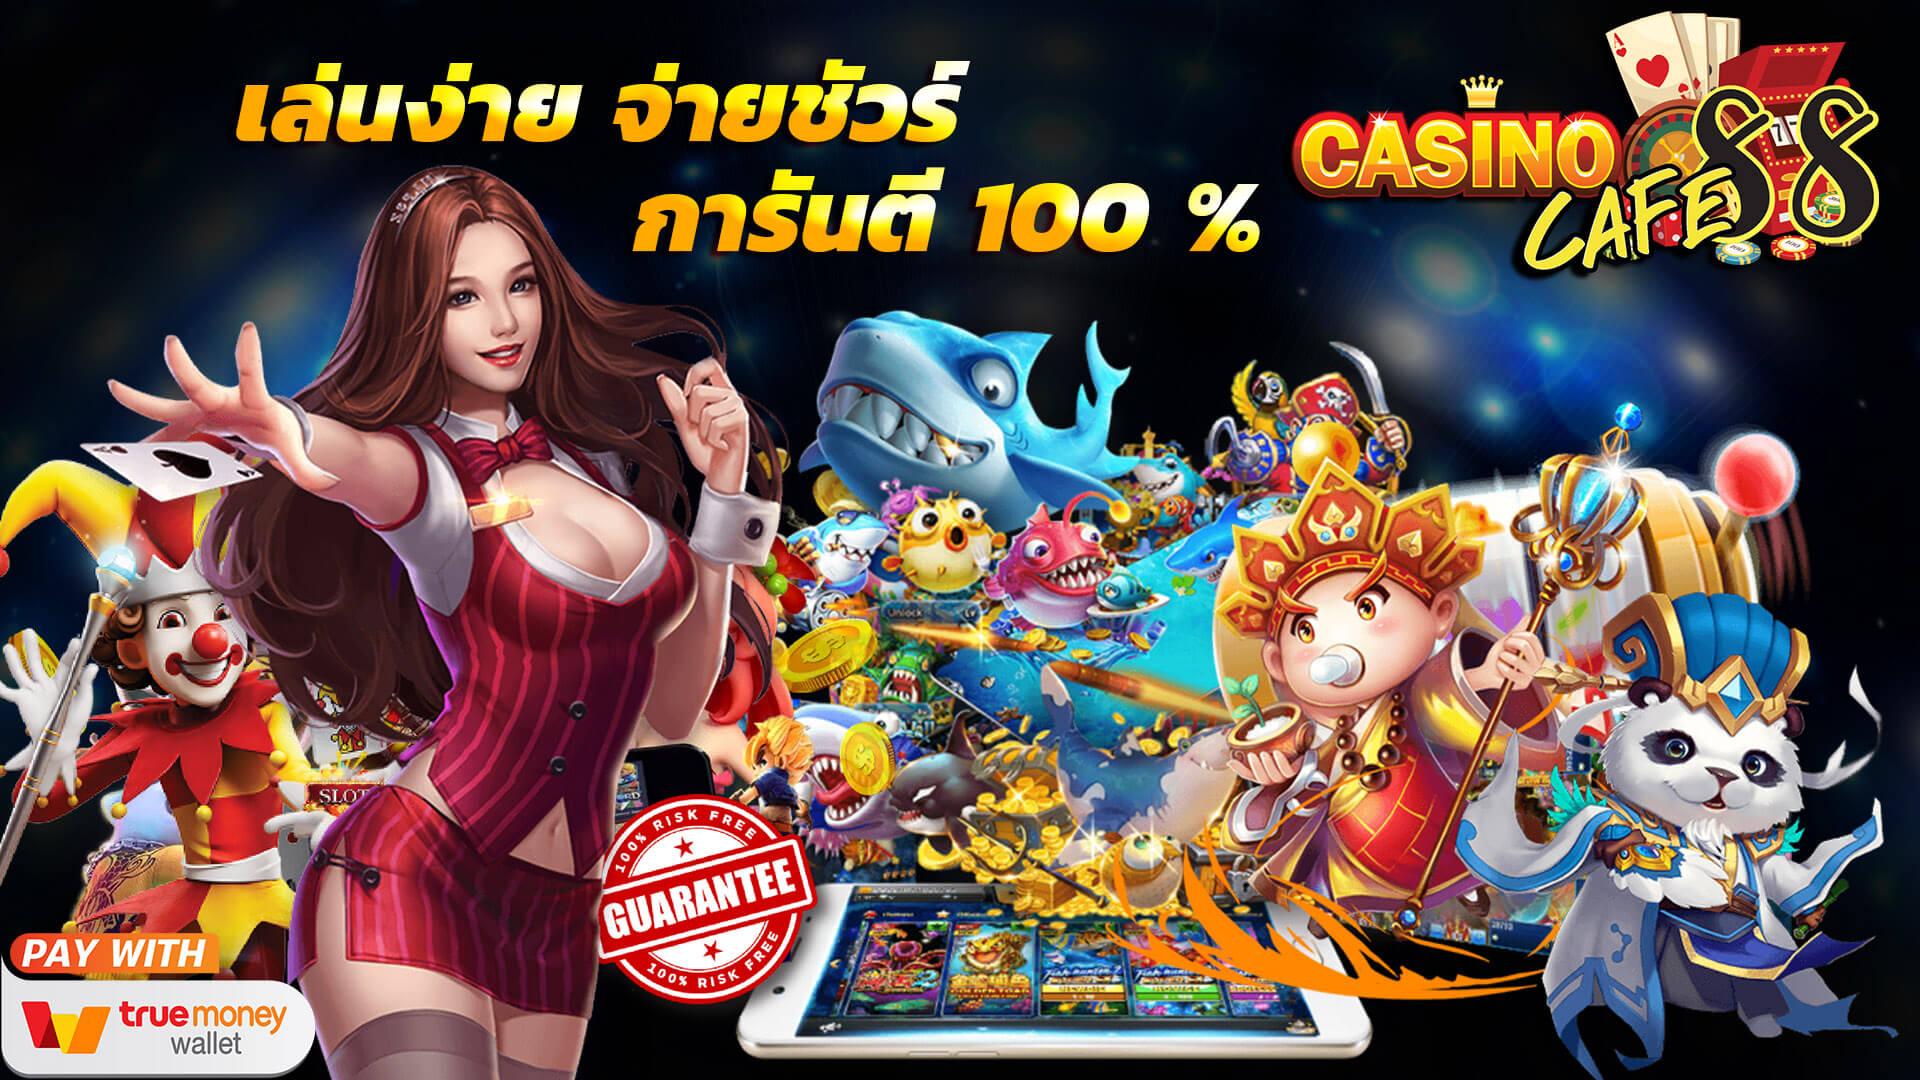 Casinocafe88 กับคำว่าครบวงจรที่สุด